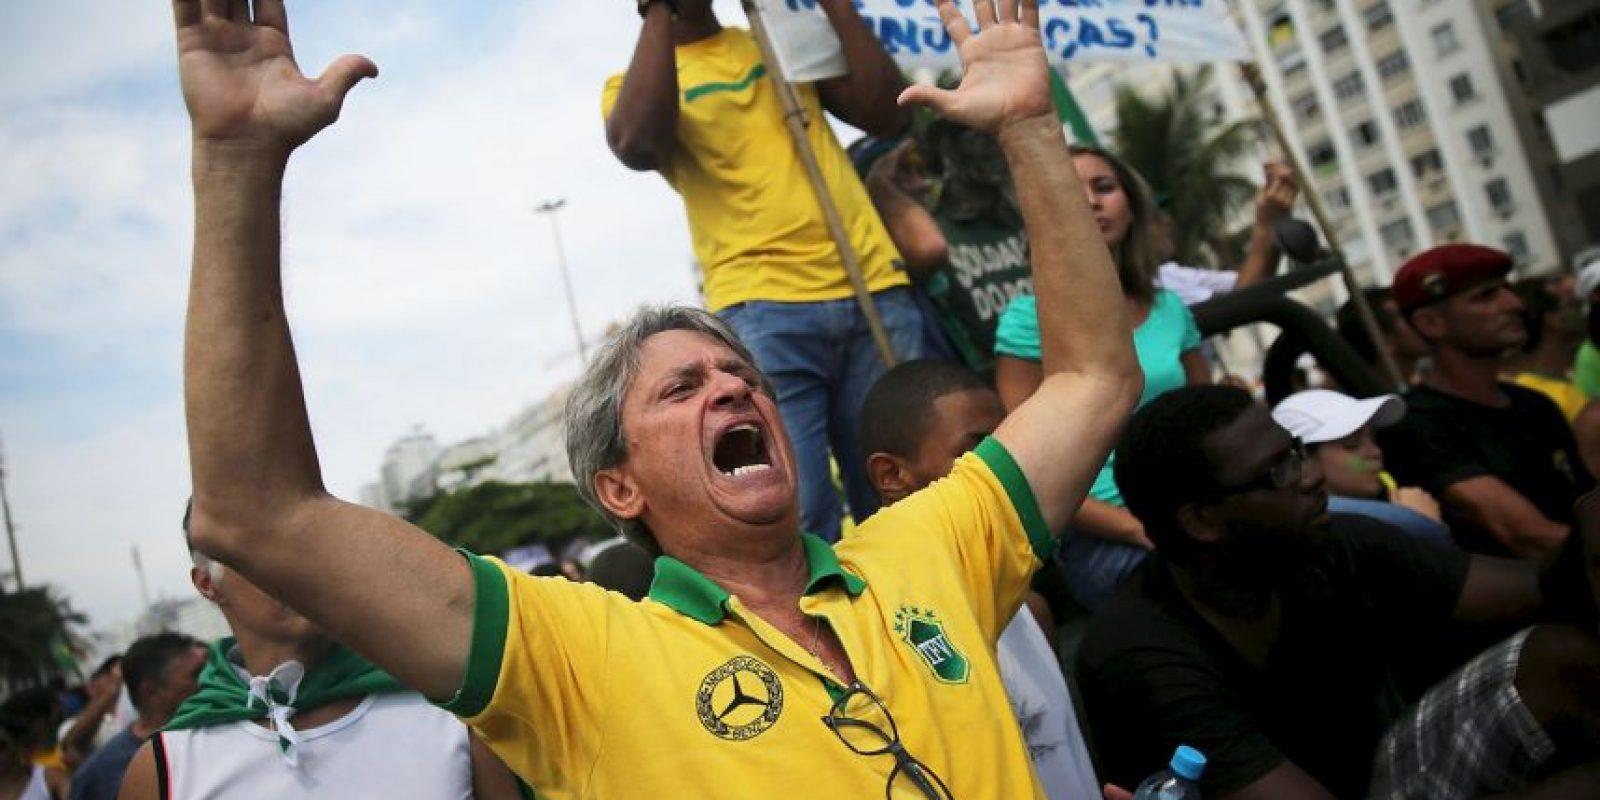 El pasado viernes, se realizó un evento organizado por la CUT (organización de apoyo a los trabajadores) en defensa de Petrobras y los derechos laborales que tuvo presencia significativa de votantes del PT. Foto:Getty Images